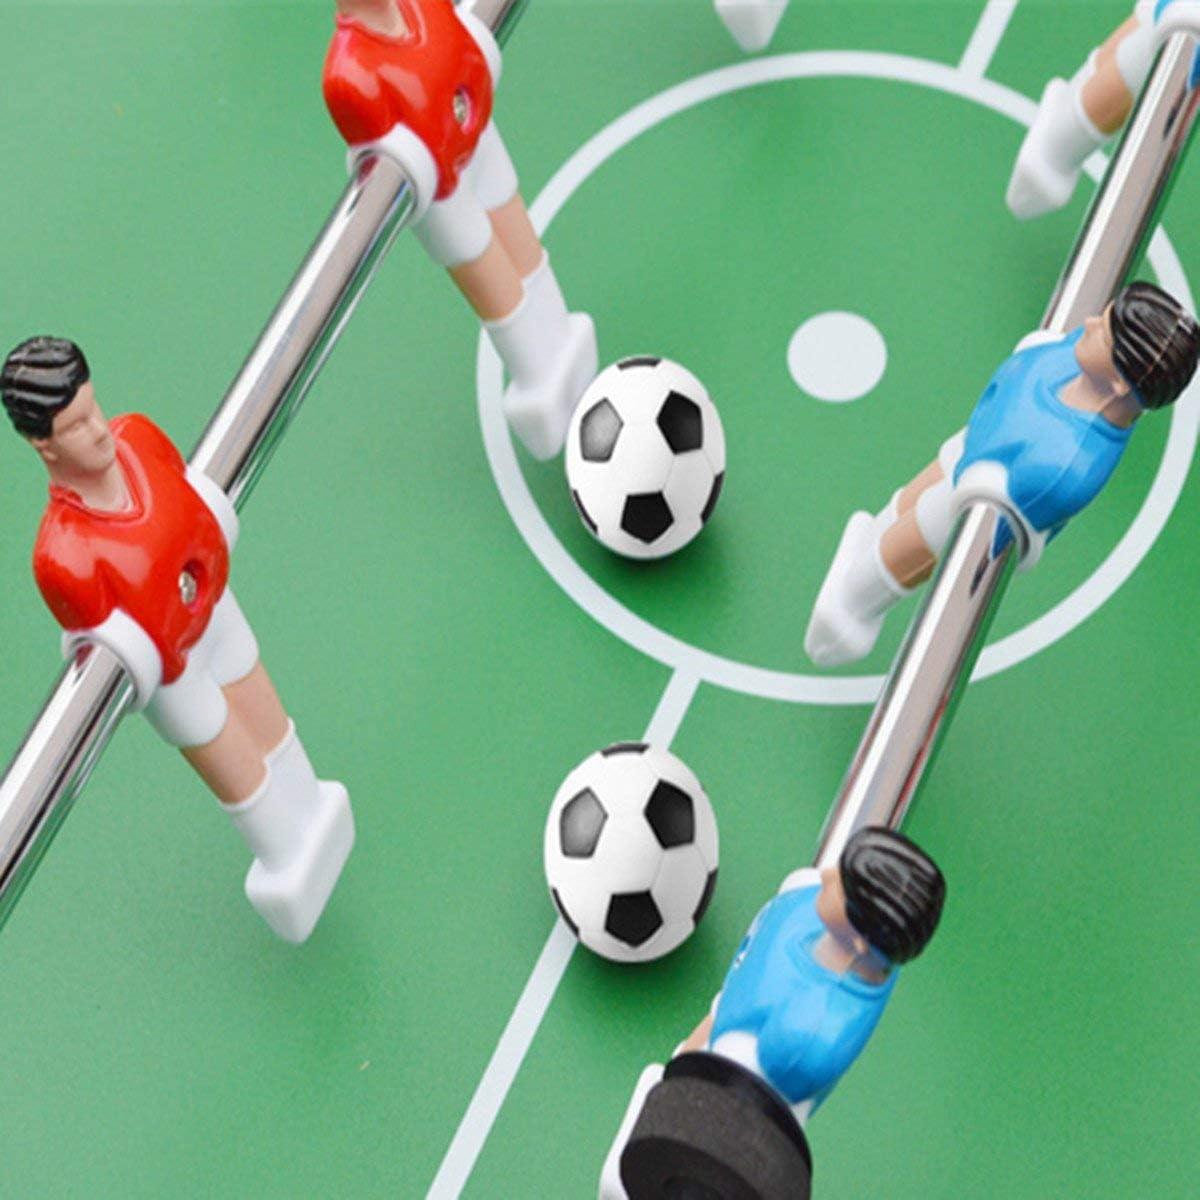 ULTNICE Pelotas para Futbolín Bolas del balompié de la tabla de 6PCS 32mm negro/bola blanca: Amazon.es: Juguetes y juegos